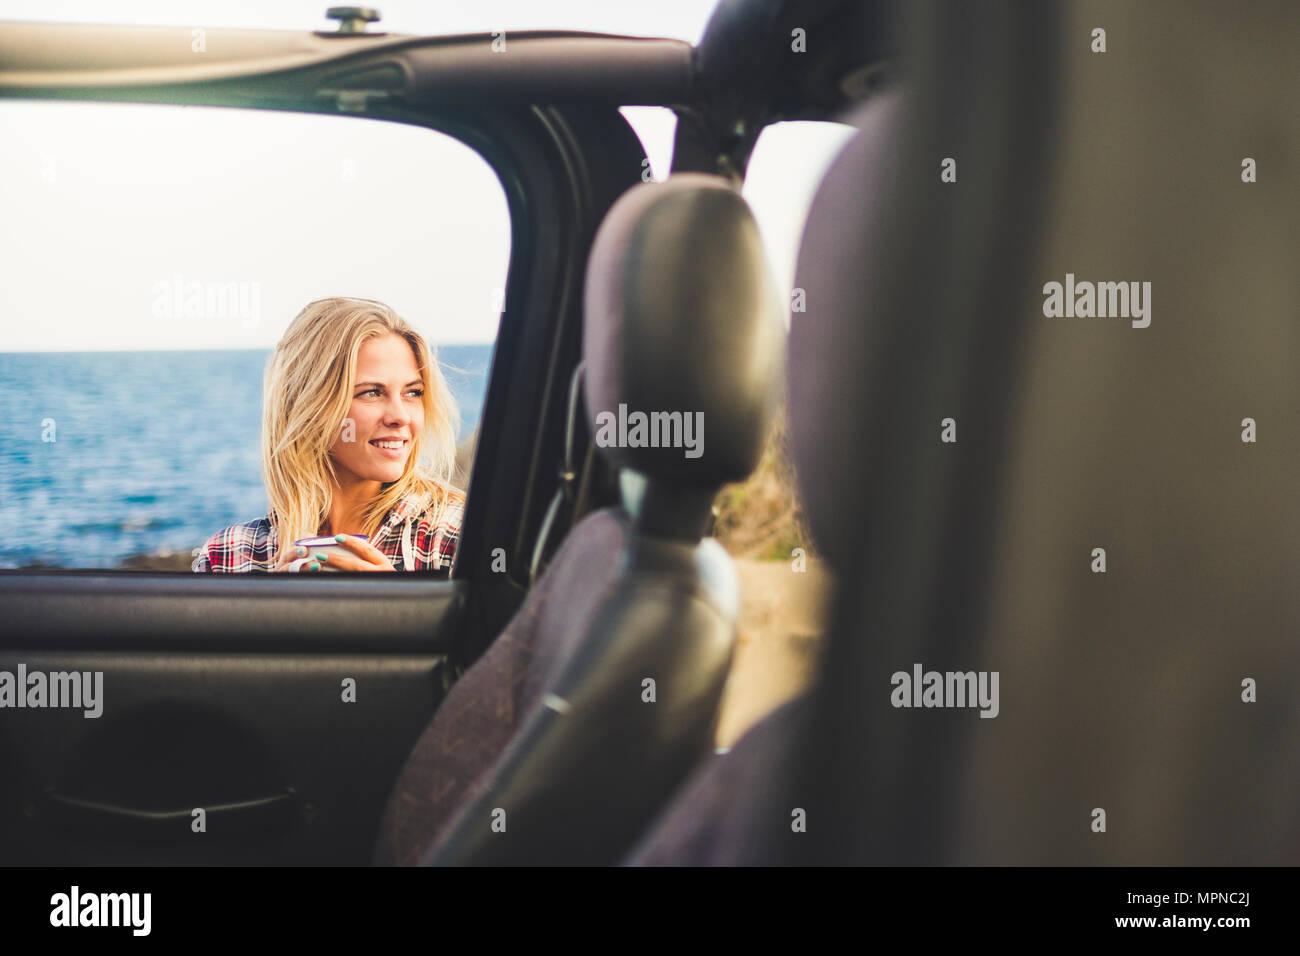 De longs cheveux blonds voyageur fille prendre une tasse de boisson chaude du café ou du thé à l'extérieur d'un véhicule hors route ouverte. Fond de l'océan et beau sourire. Trav Indipendent Photo Stock